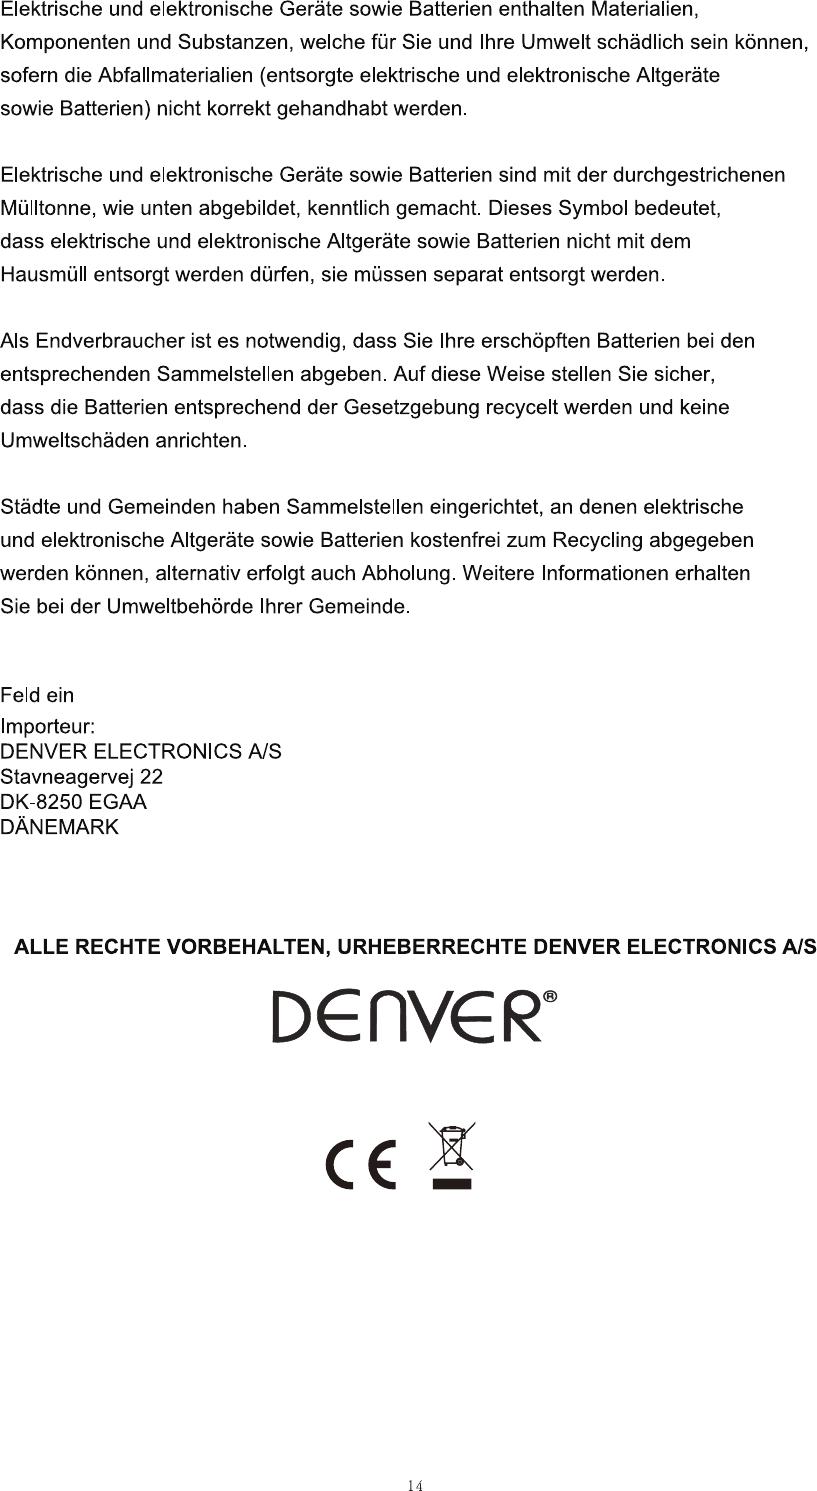 Tolle Symbole Für Elektronische Komponenten Bilder - Elektrische ...